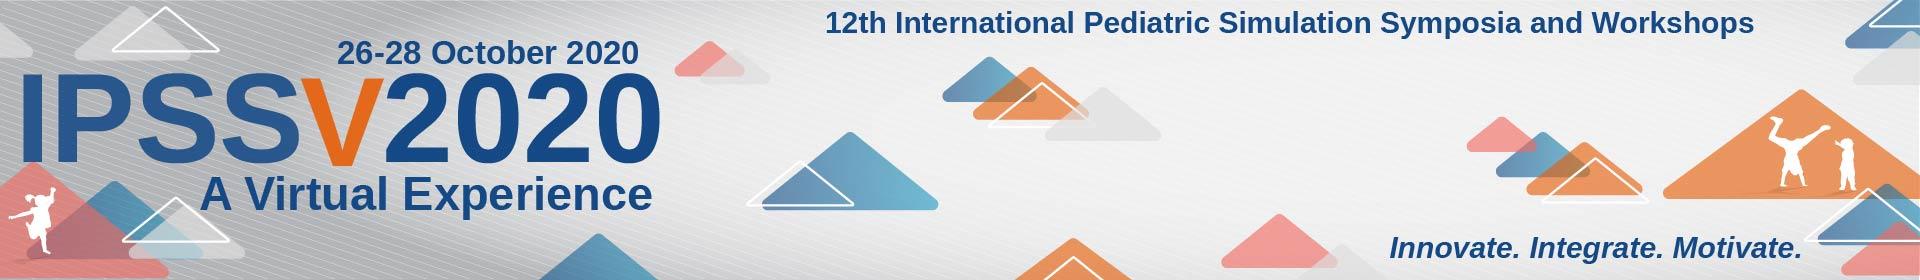 IPSSV2020 Event Banner